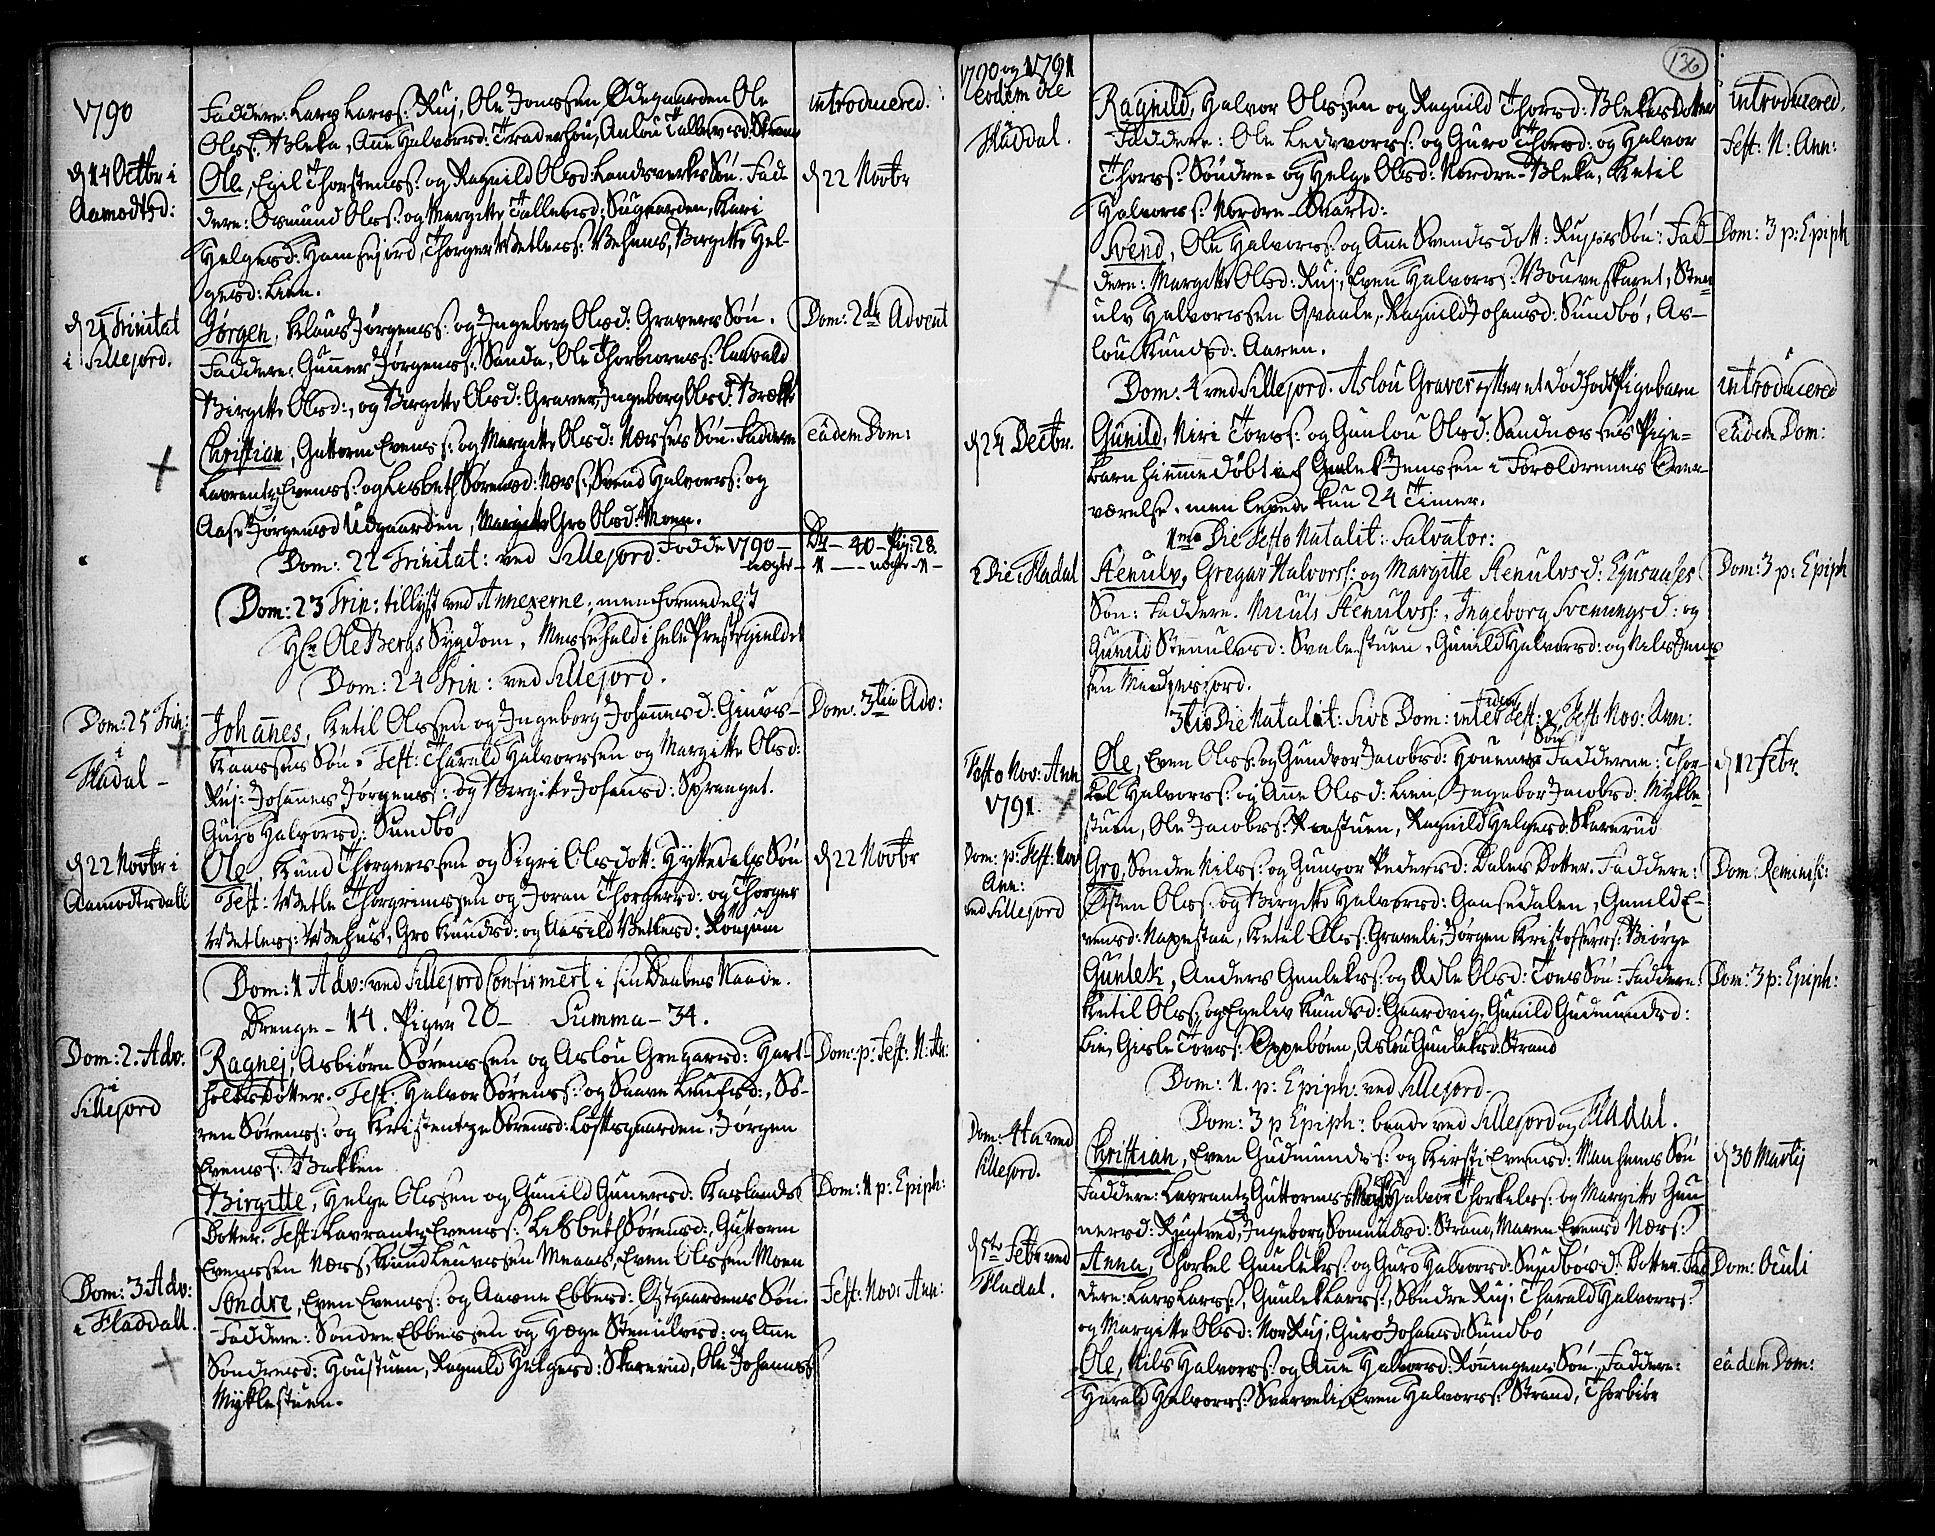 SAKO, Seljord kirkebøker, F/Fa/L0007: Ministerialbok nr. I 7, 1755-1800, s. 136